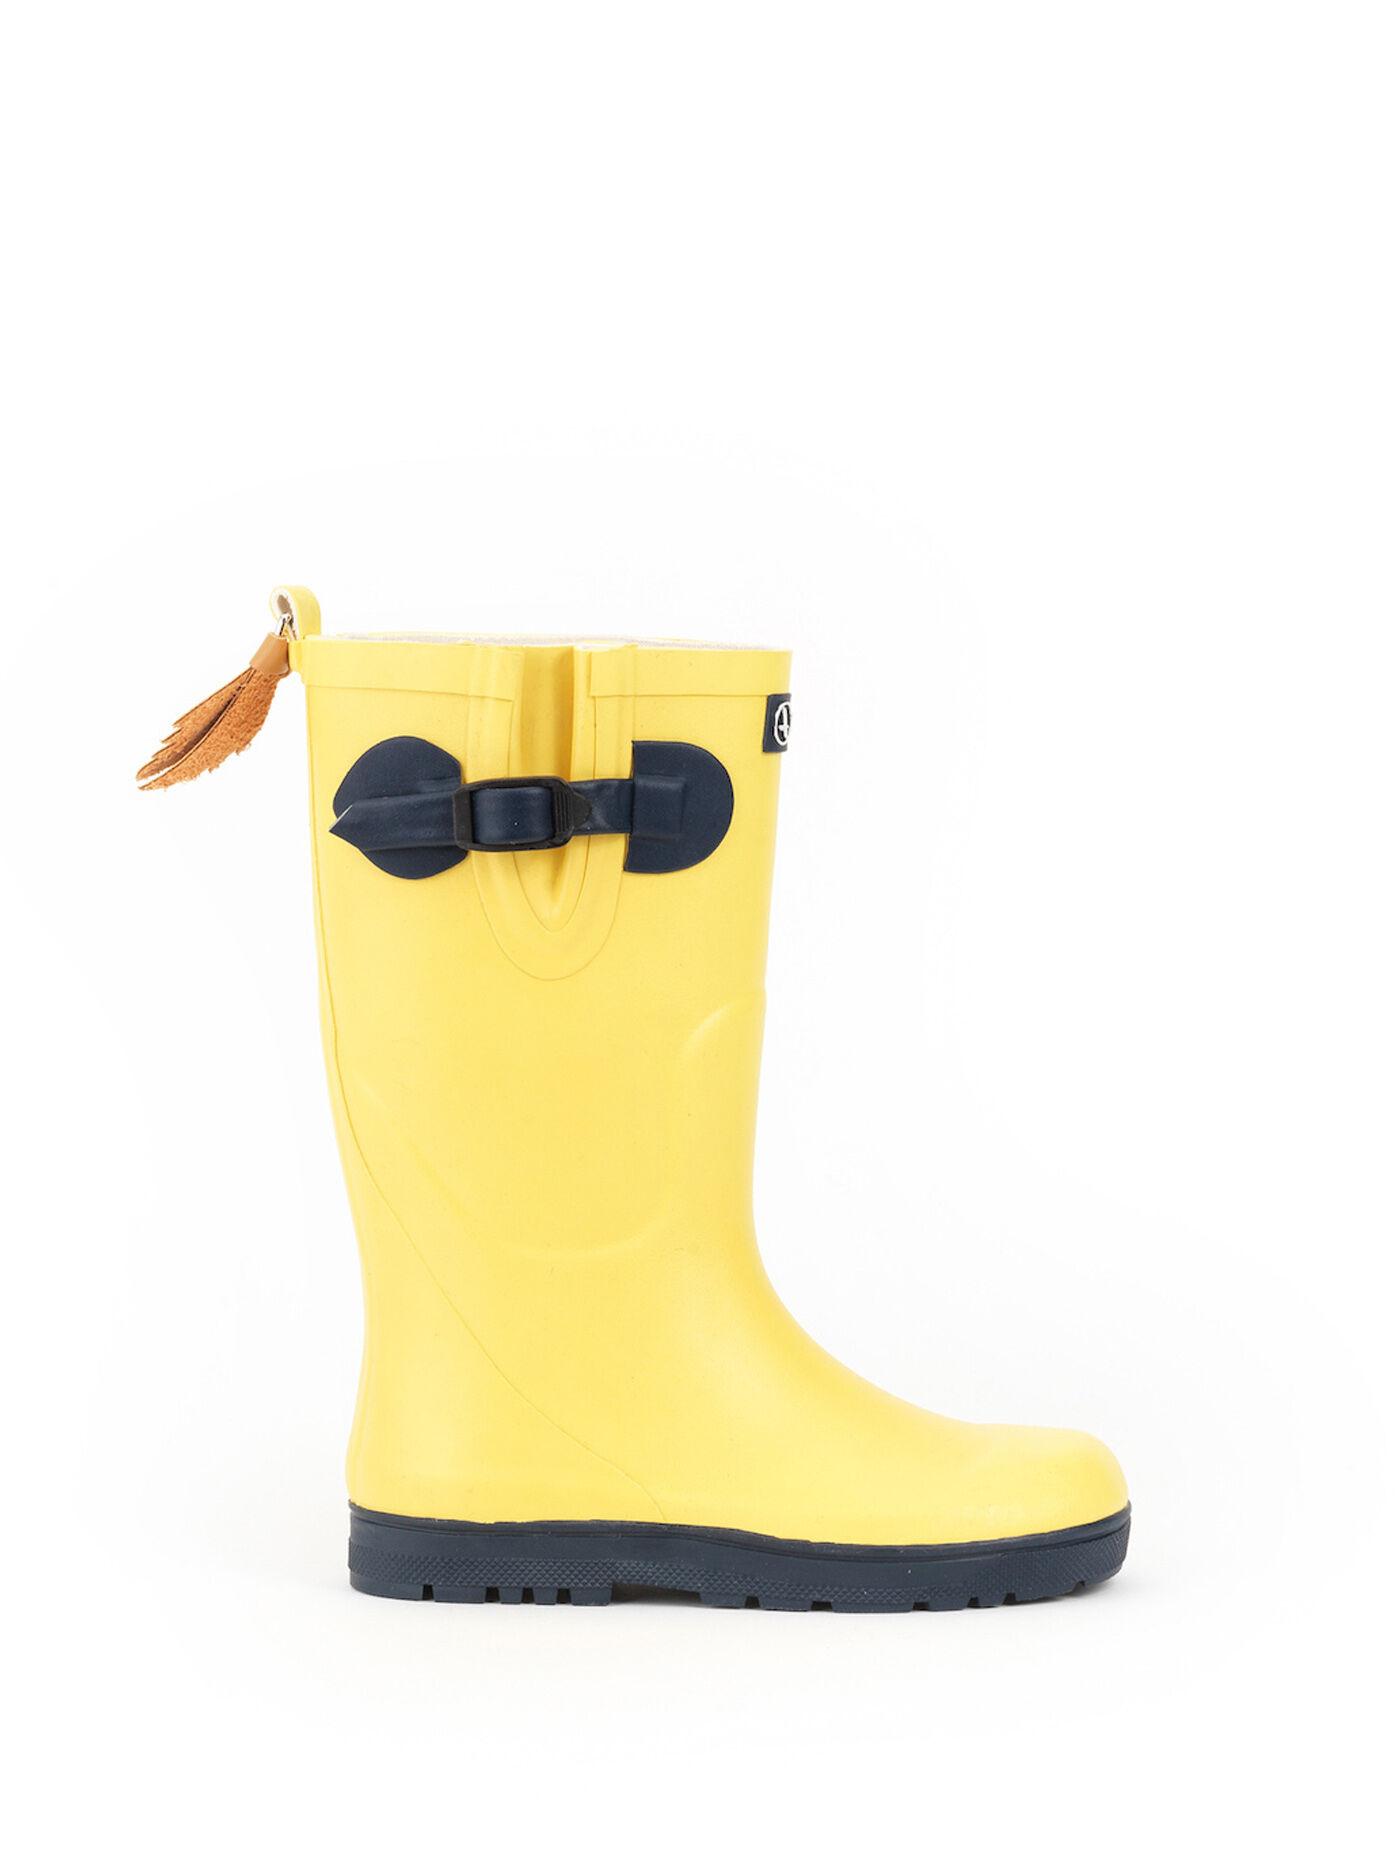 Regenstiefel, Kinderstiefel, Lederstiefel | AIGLE